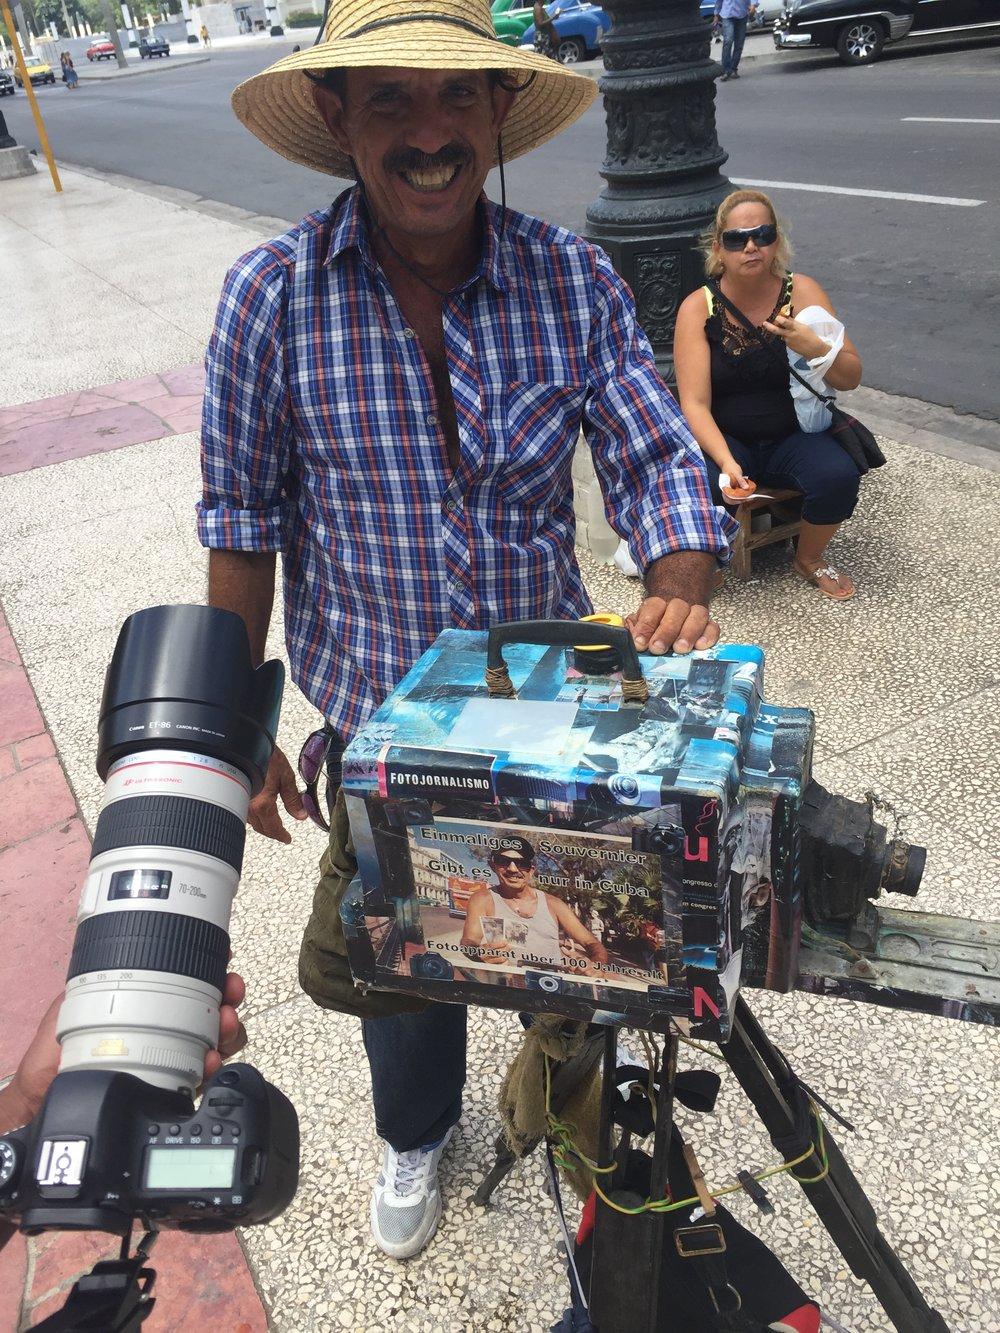 مقارنة بين كاميرتي الحديثة وكاميرتهم القديمة